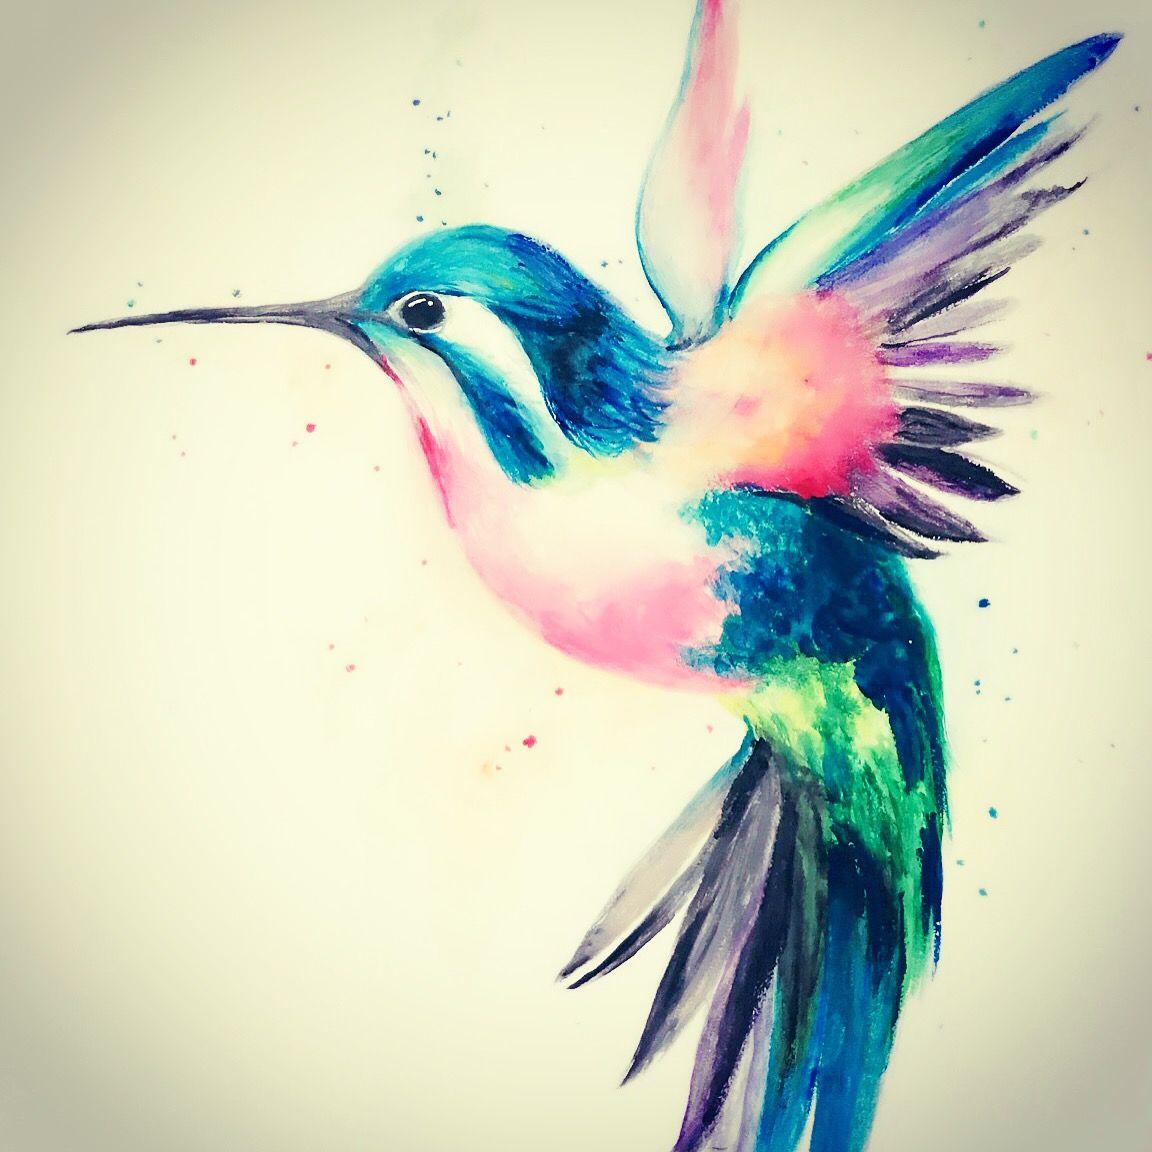 Watercolor Hummingbird Tattoo Ideas